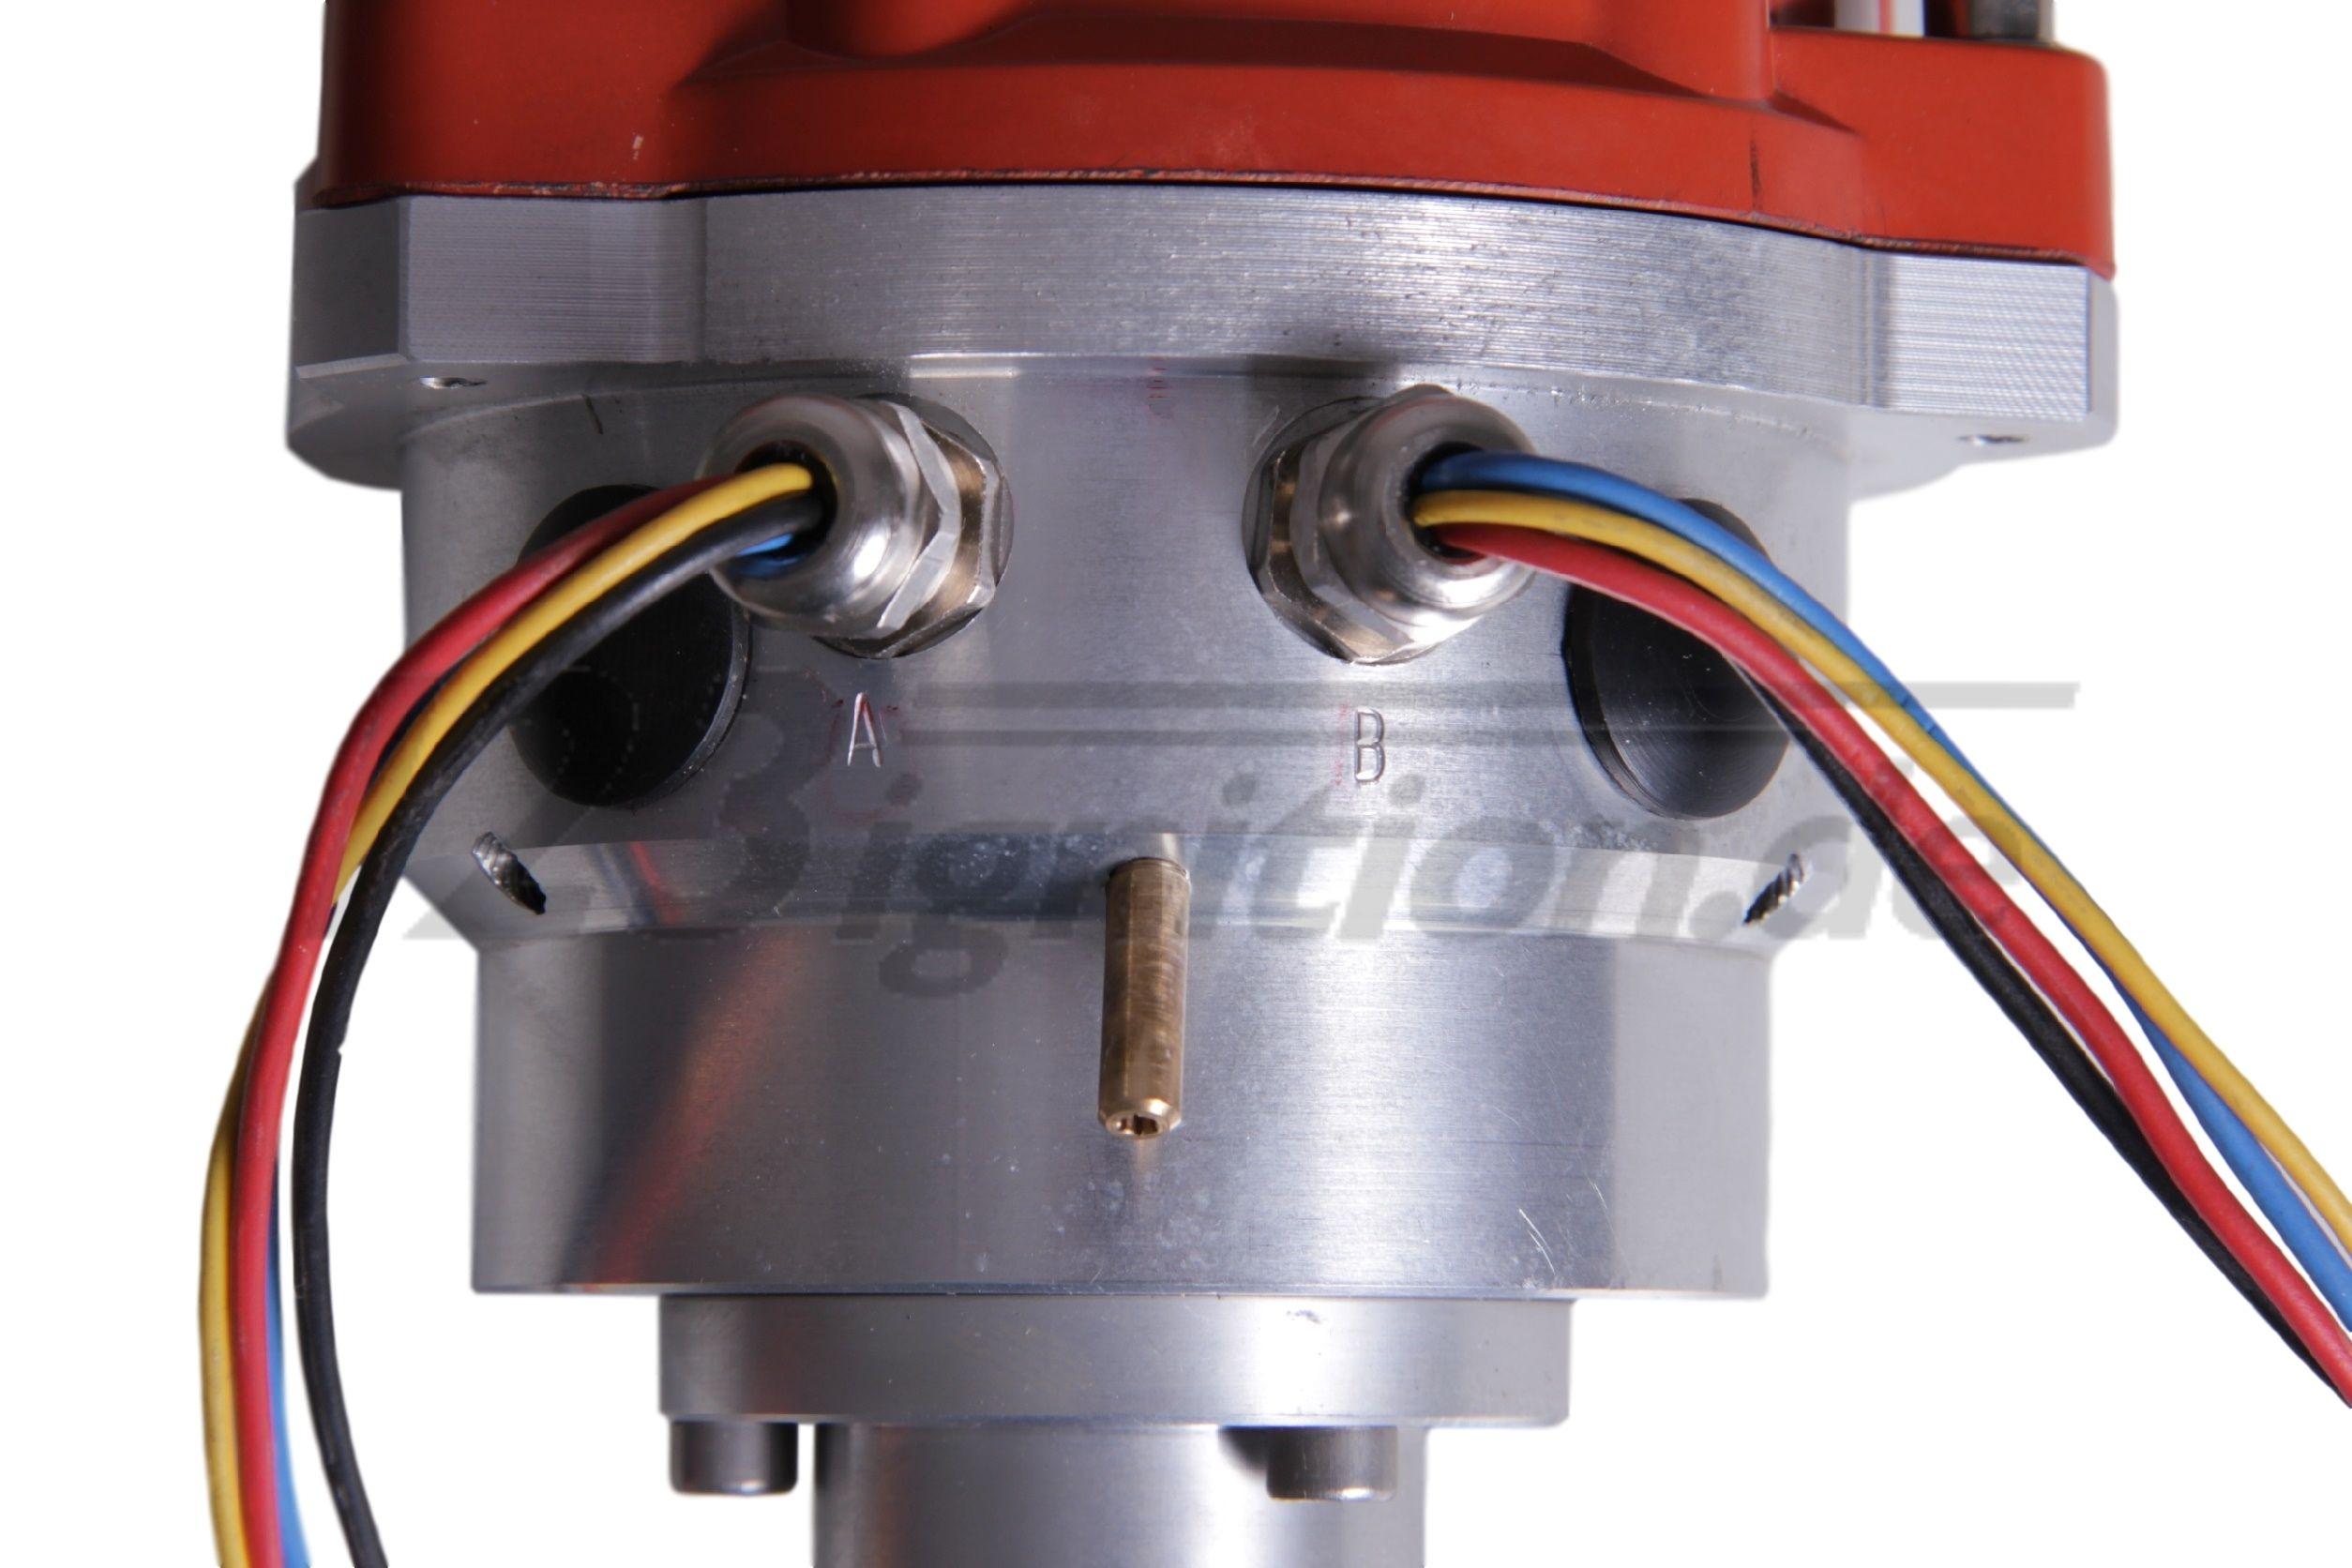 123\TUNE USB Doppelzündverteiler für Porsche 911 3.0 SC Abbildung 4